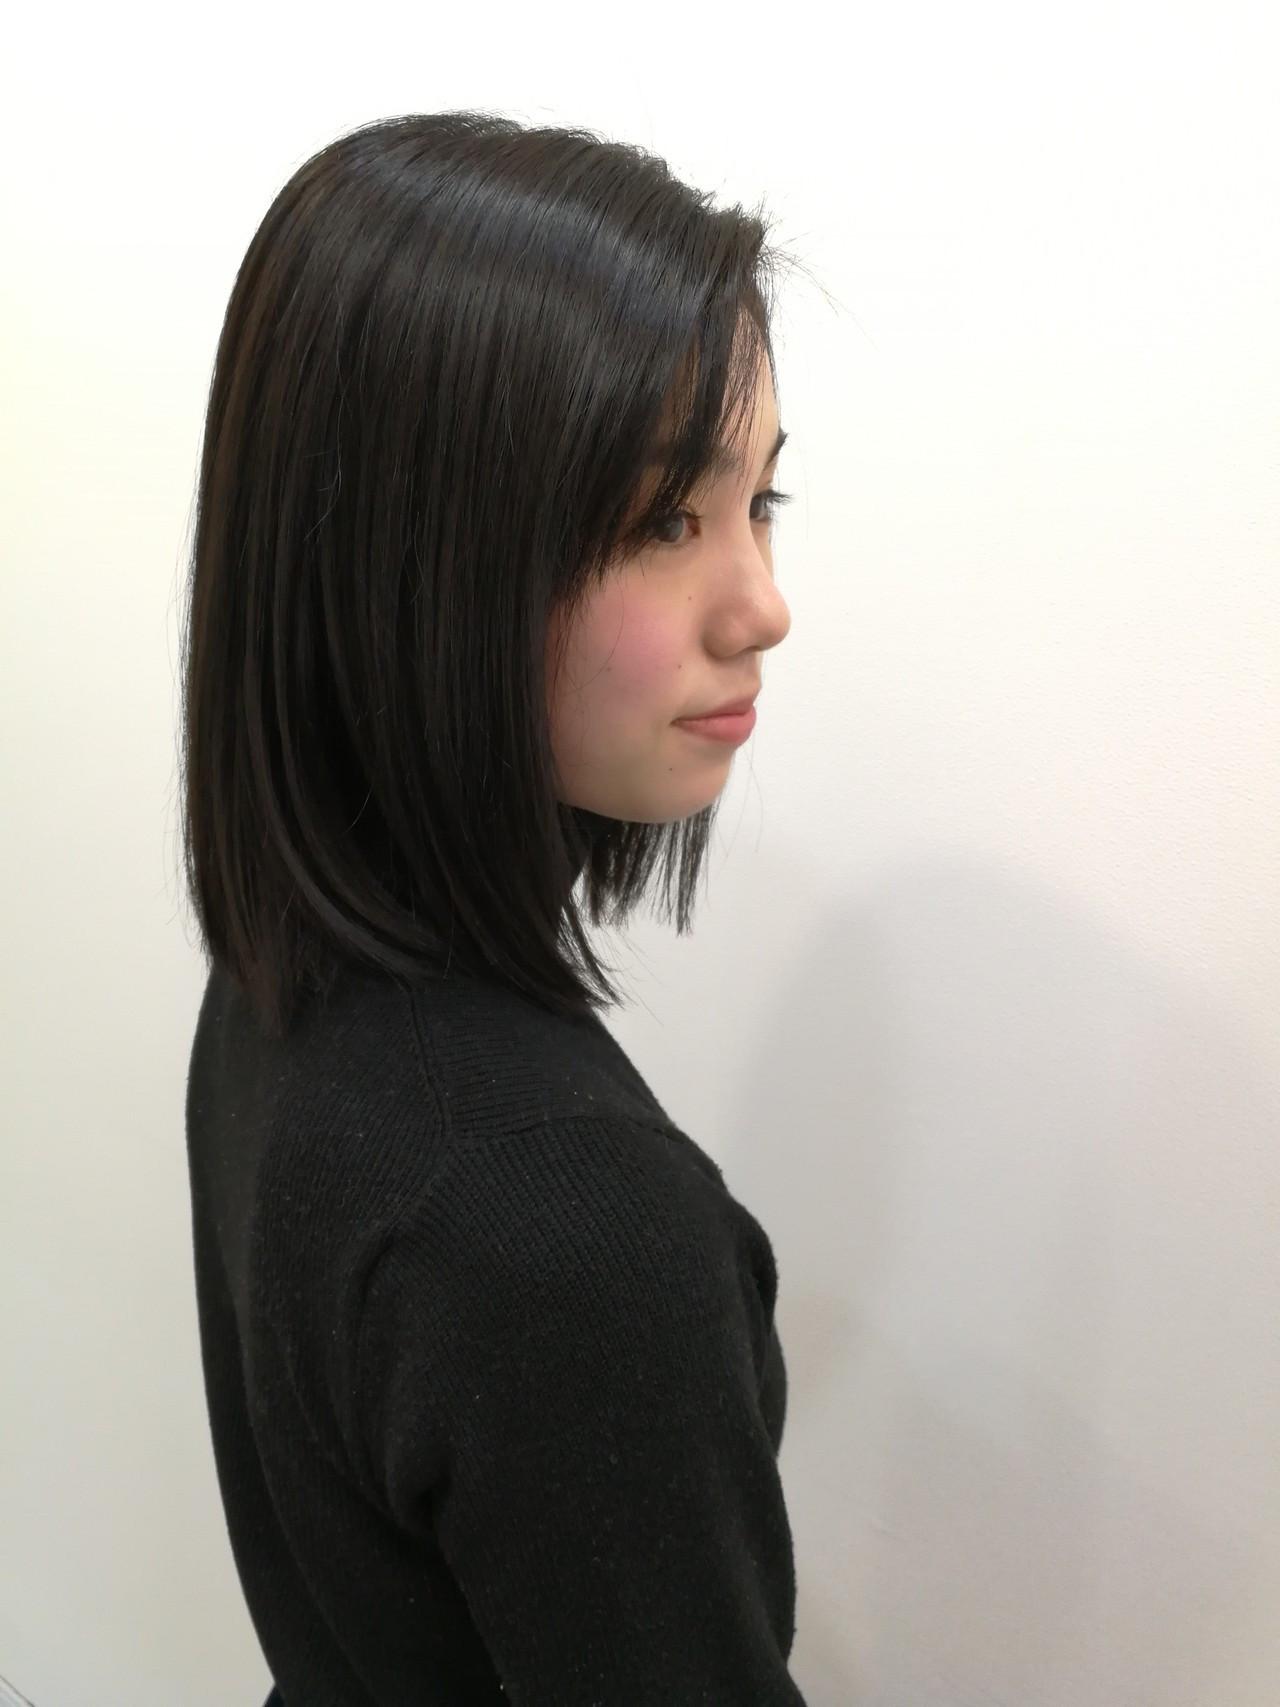 地毛風カラー 黒髪 大人可愛い ダークアッシュ ヘアスタイルや髪型の写真・画像